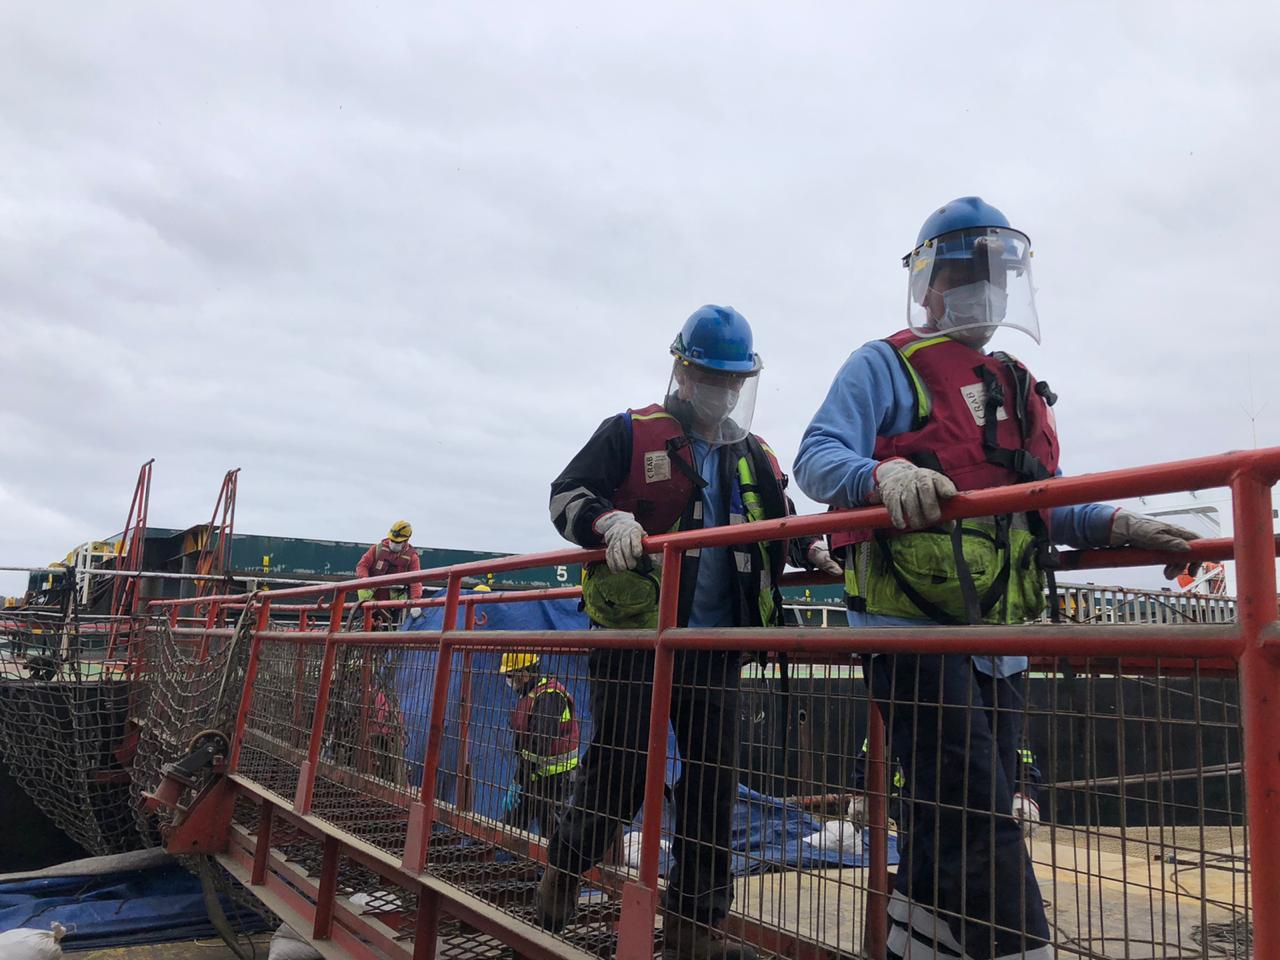 Puerto Ventanas implementa teletrabajo y da facilidades a trabajadores mayores y enfermos crónicos